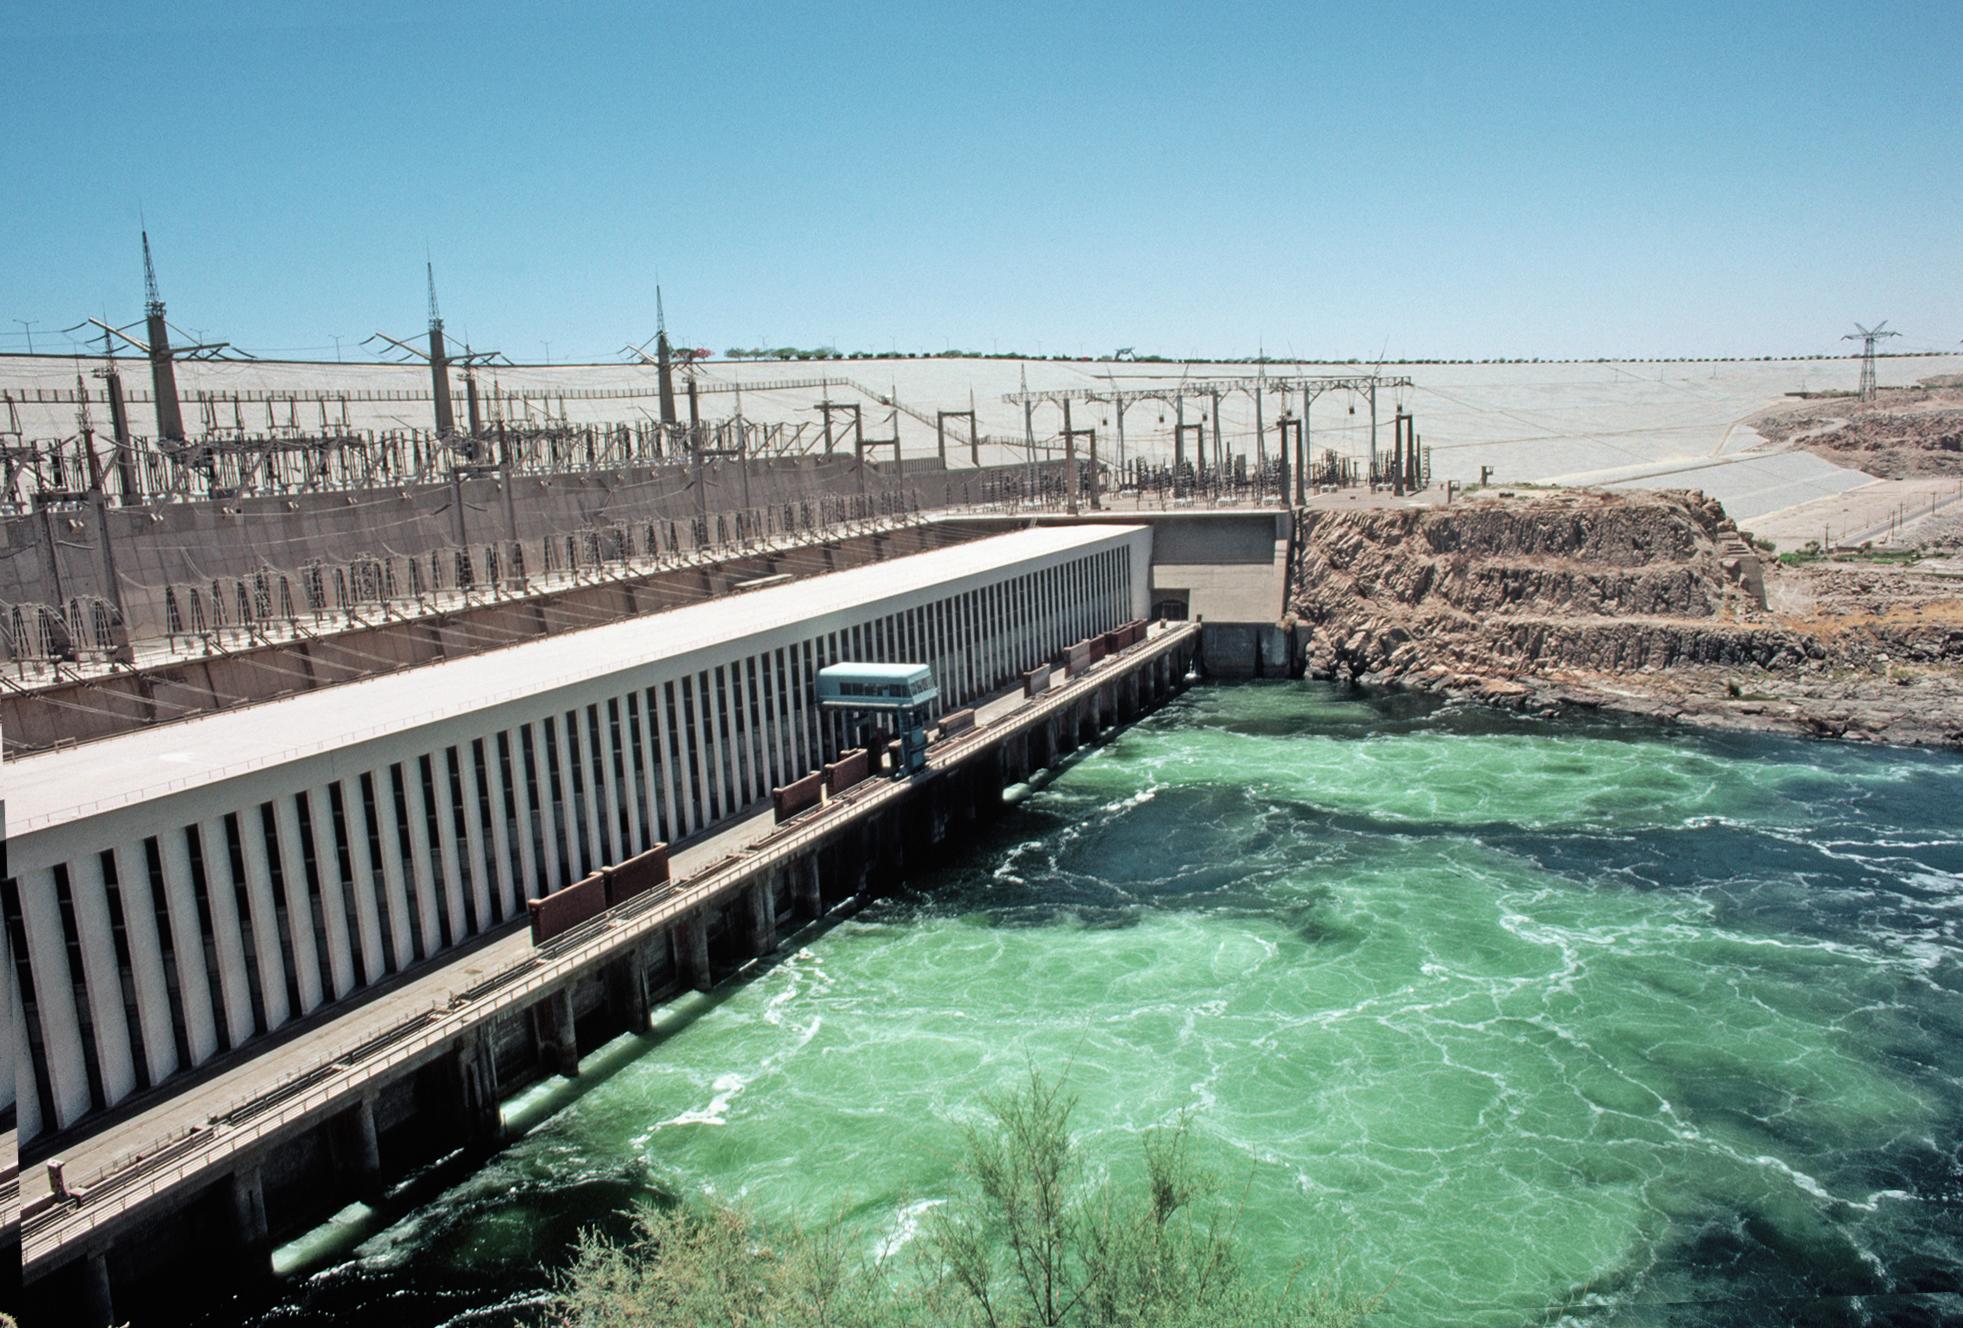 Sandfiltrationsbecken in einer Wasseraufbereitungsanlage